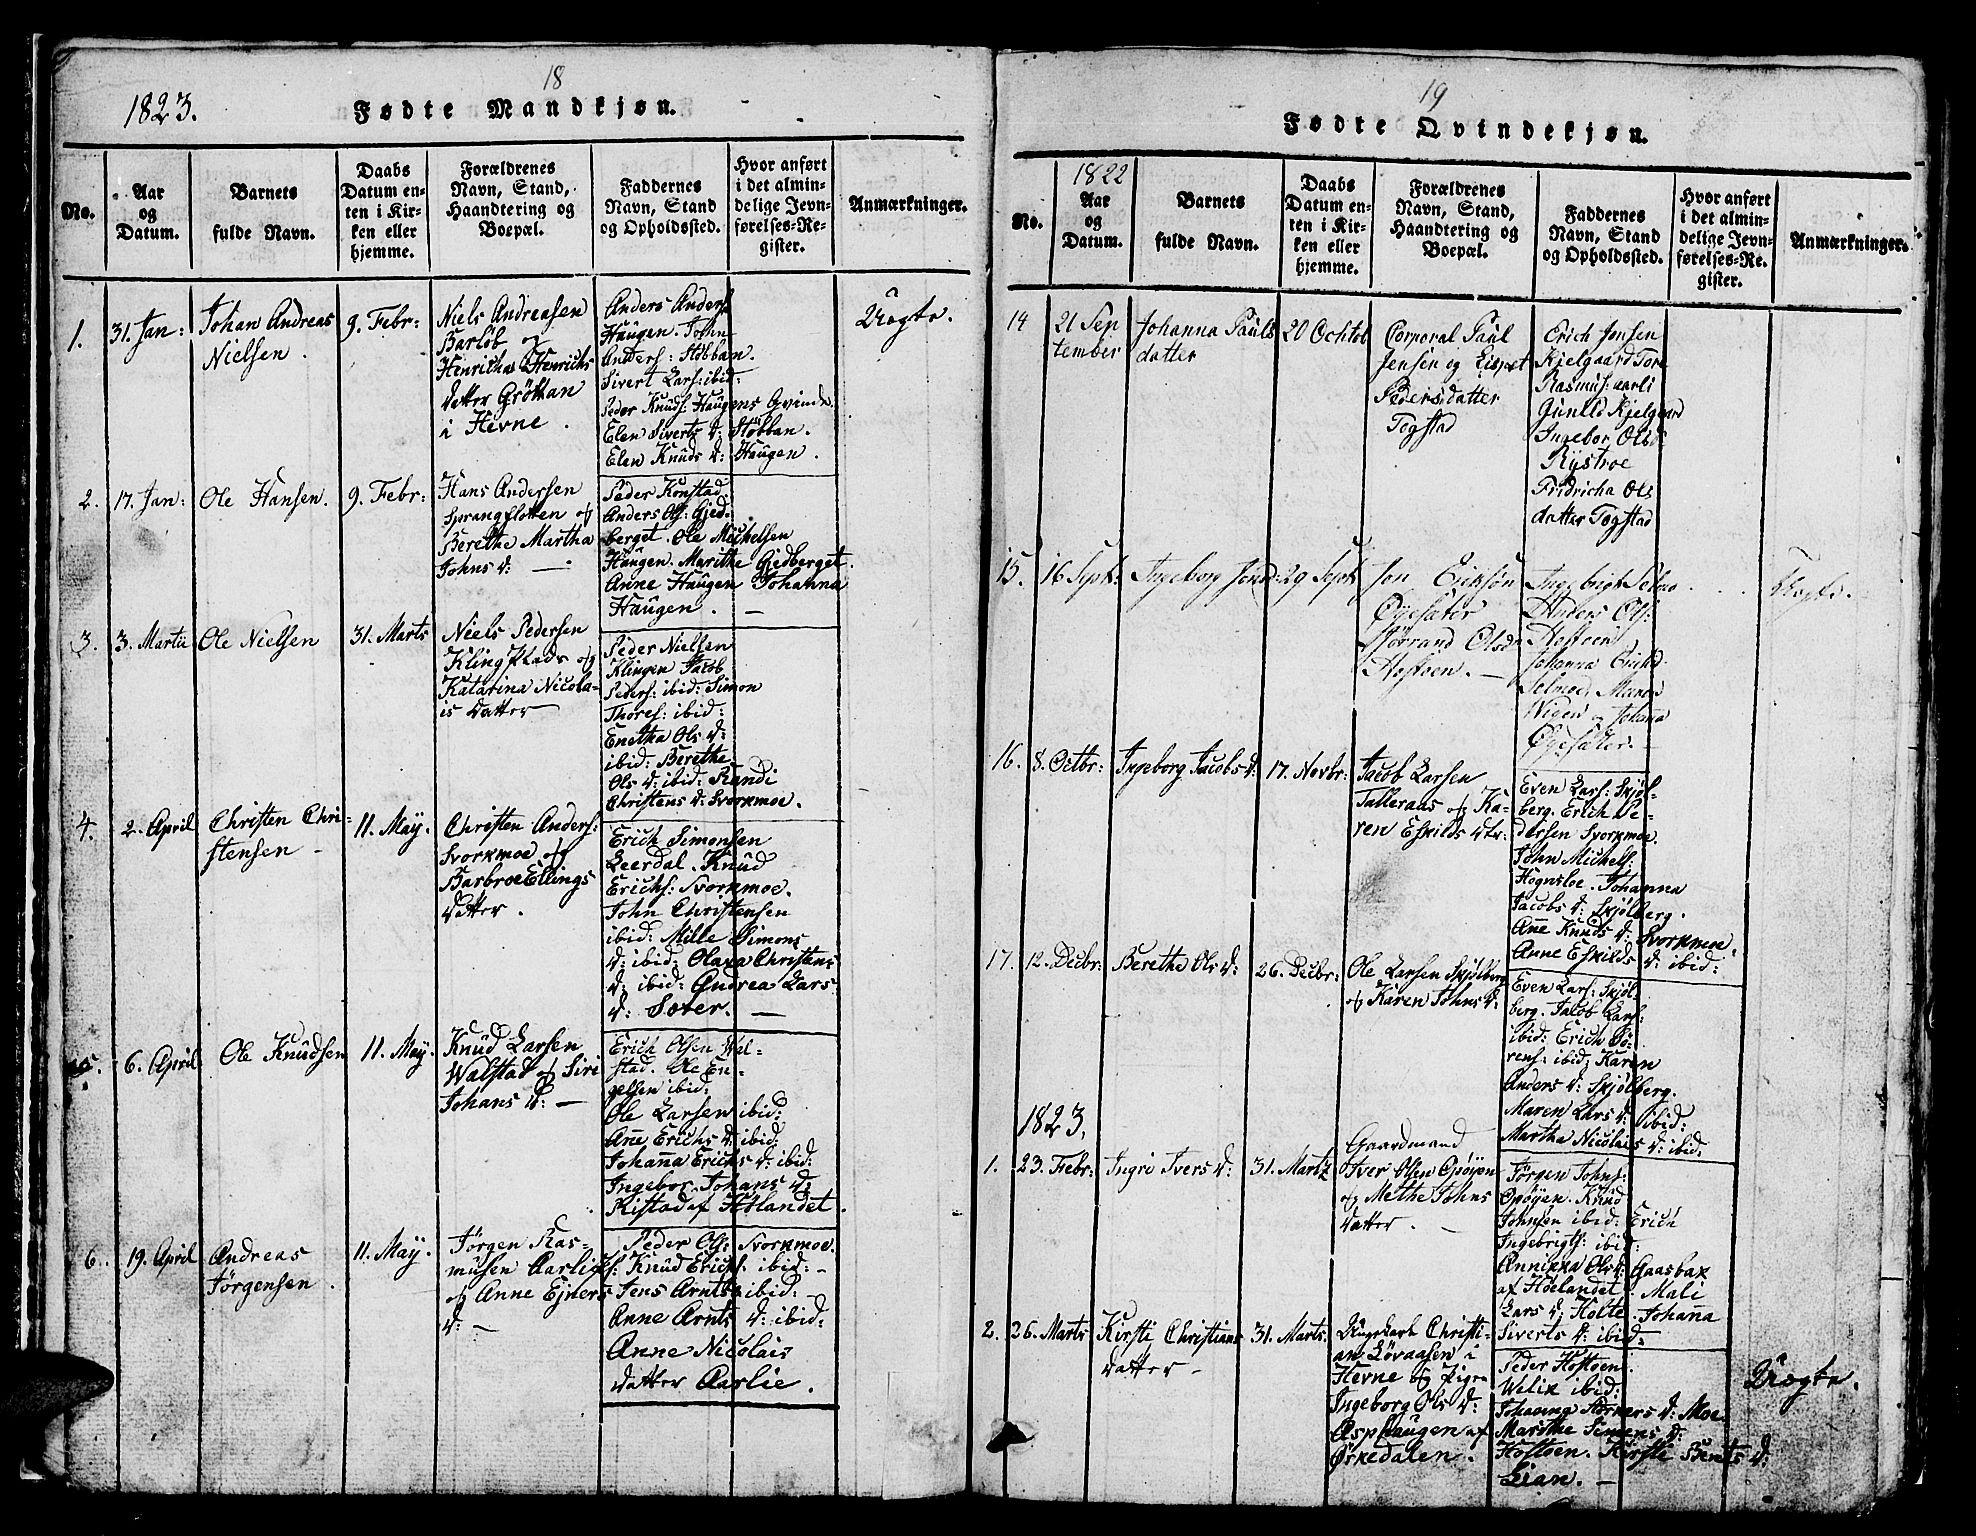 SAT, Ministerialprotokoller, klokkerbøker og fødselsregistre - Sør-Trøndelag, 671/L0842: Klokkerbok nr. 671C01, 1816-1867, s. 18-19